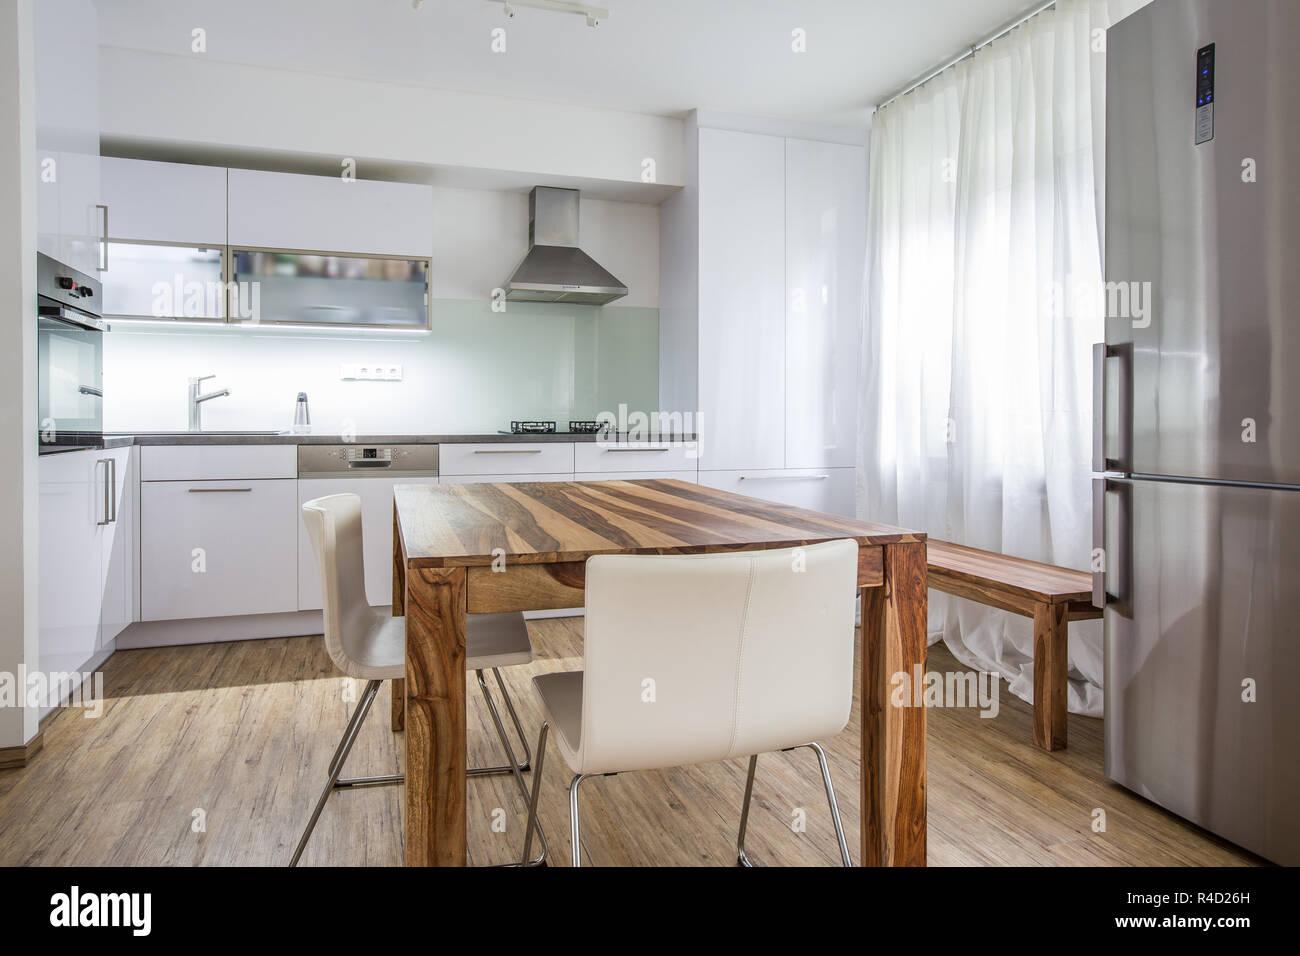 Cucina moderna Interior Design Architettura magazzino l\'immagine, la ...